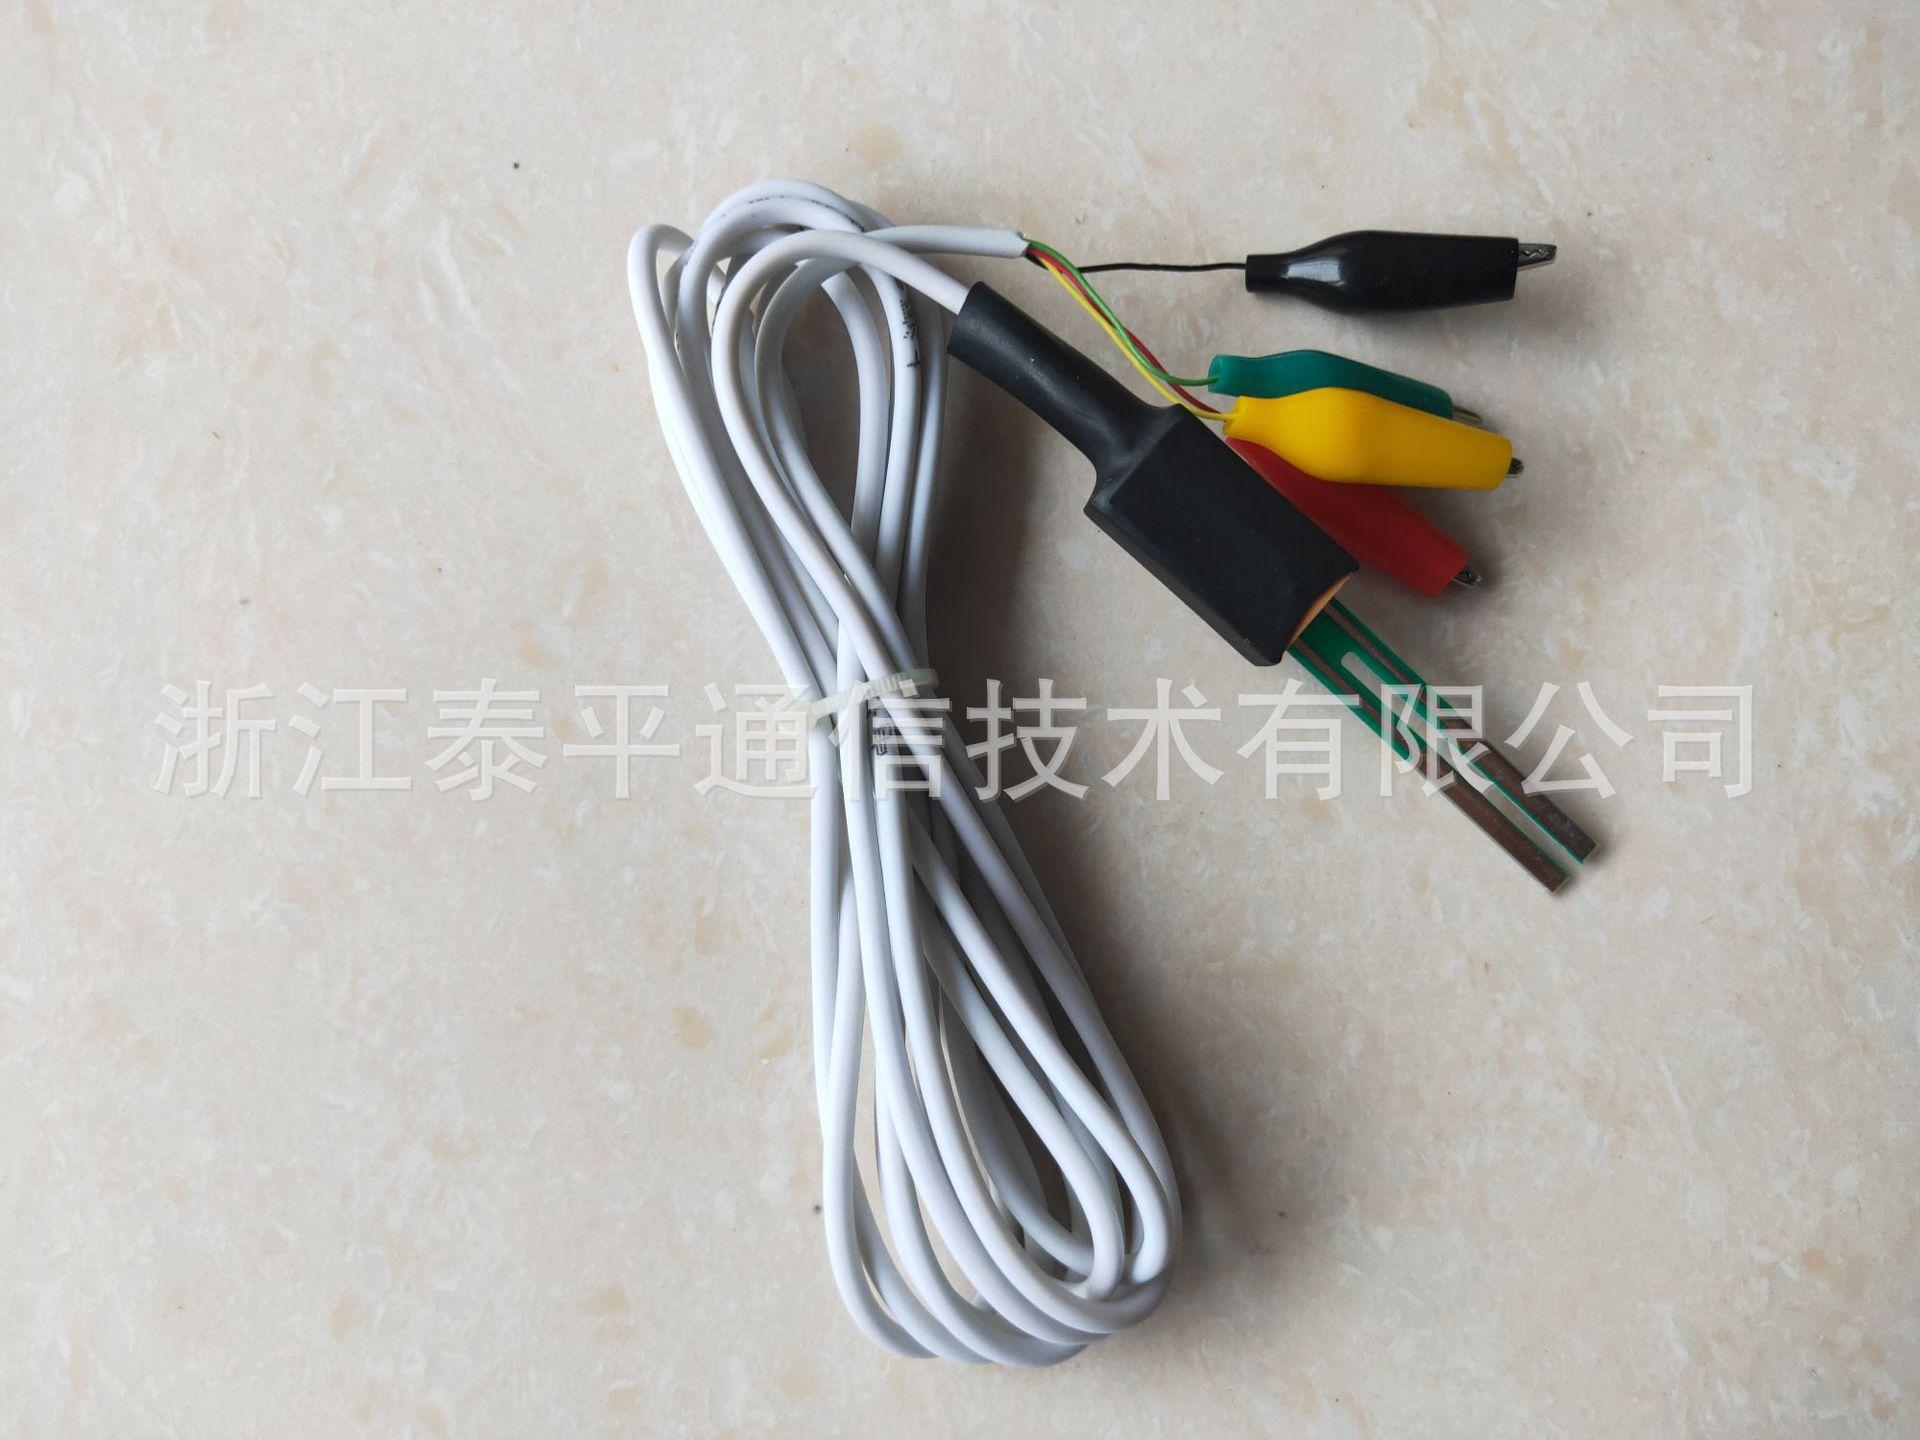 普天JPX01-配线模块 (30)